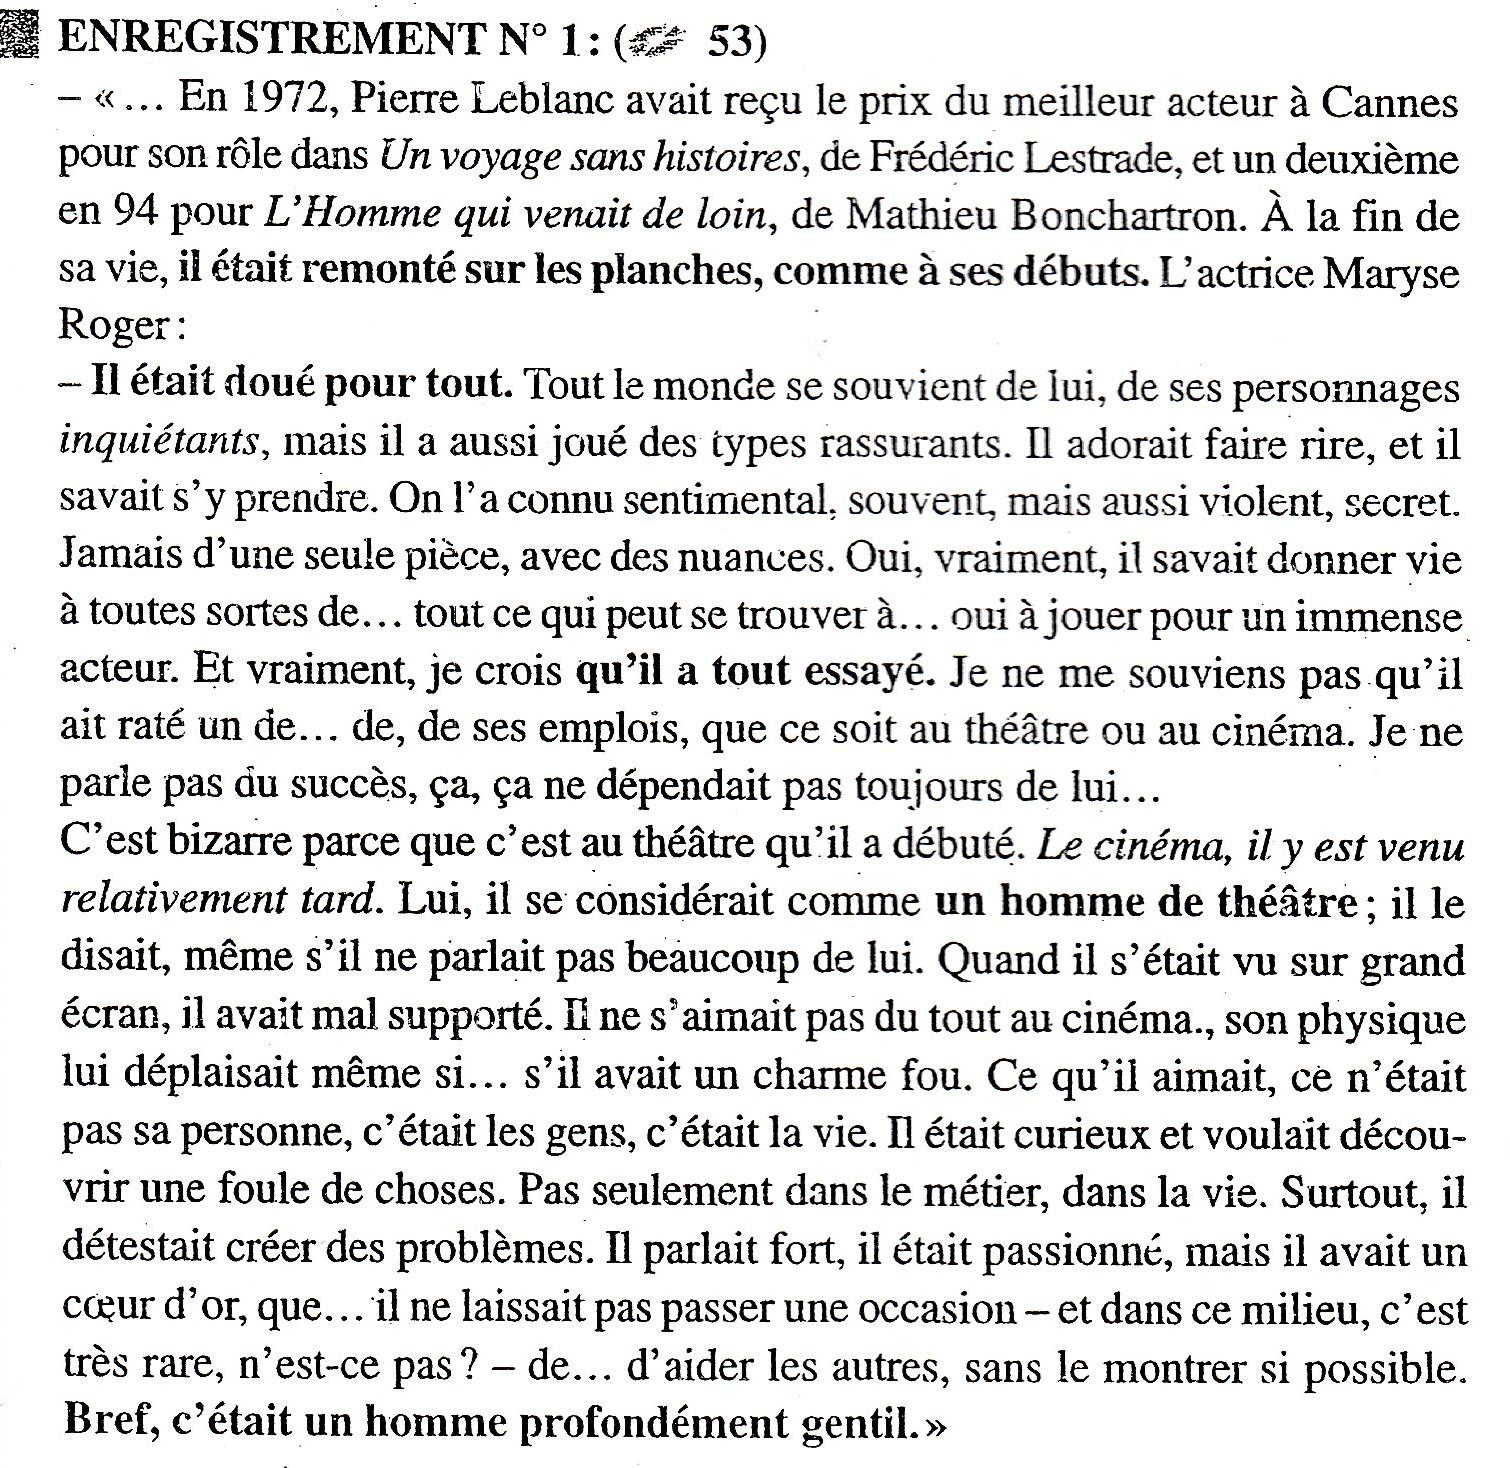 法语欧标B2级别等级概述及TCF题型介绍